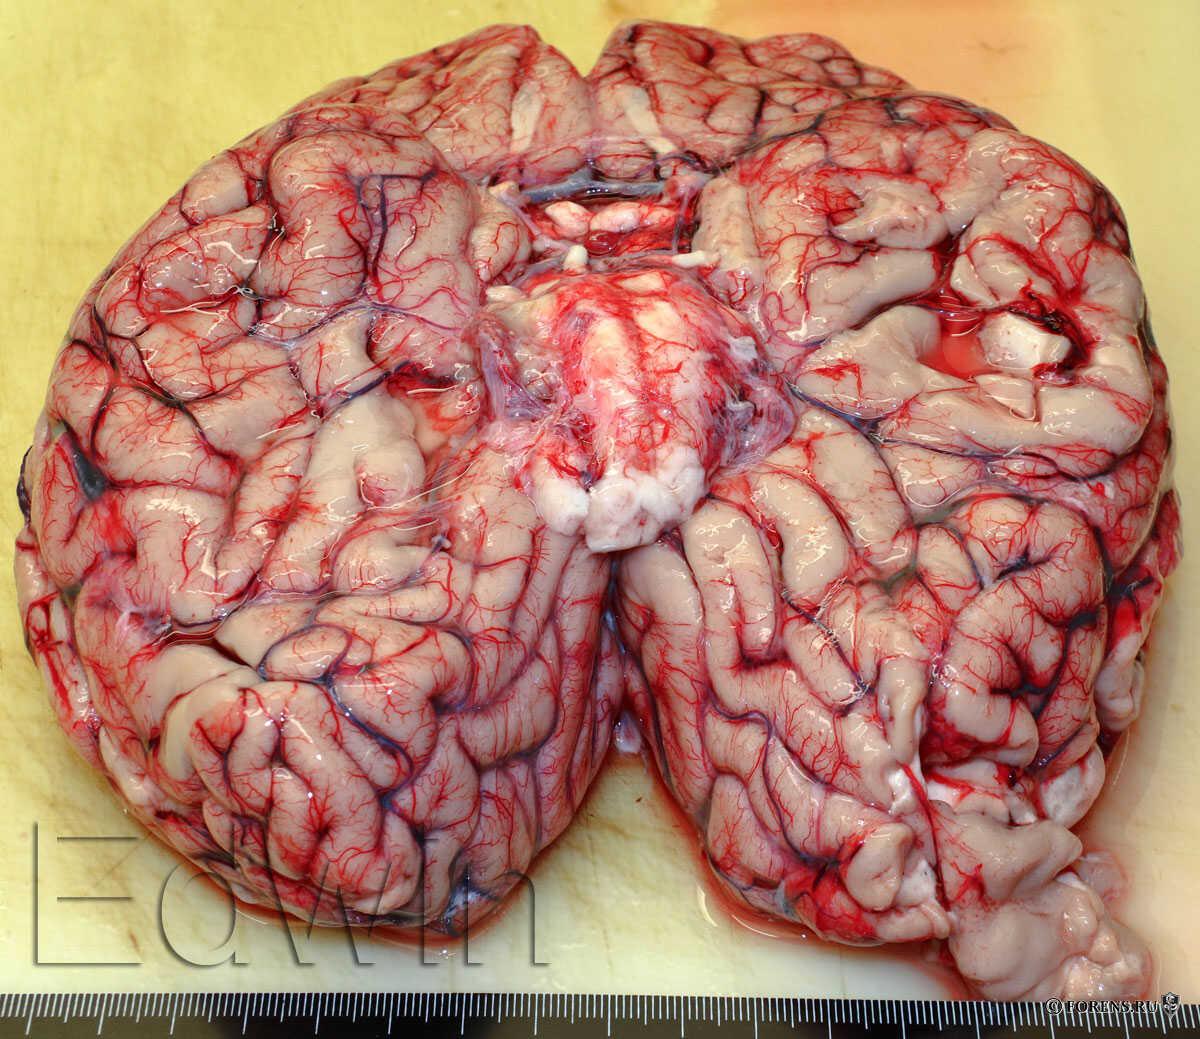 Cerebellar Agenesis. Врожденное отсутствие мозжечка.